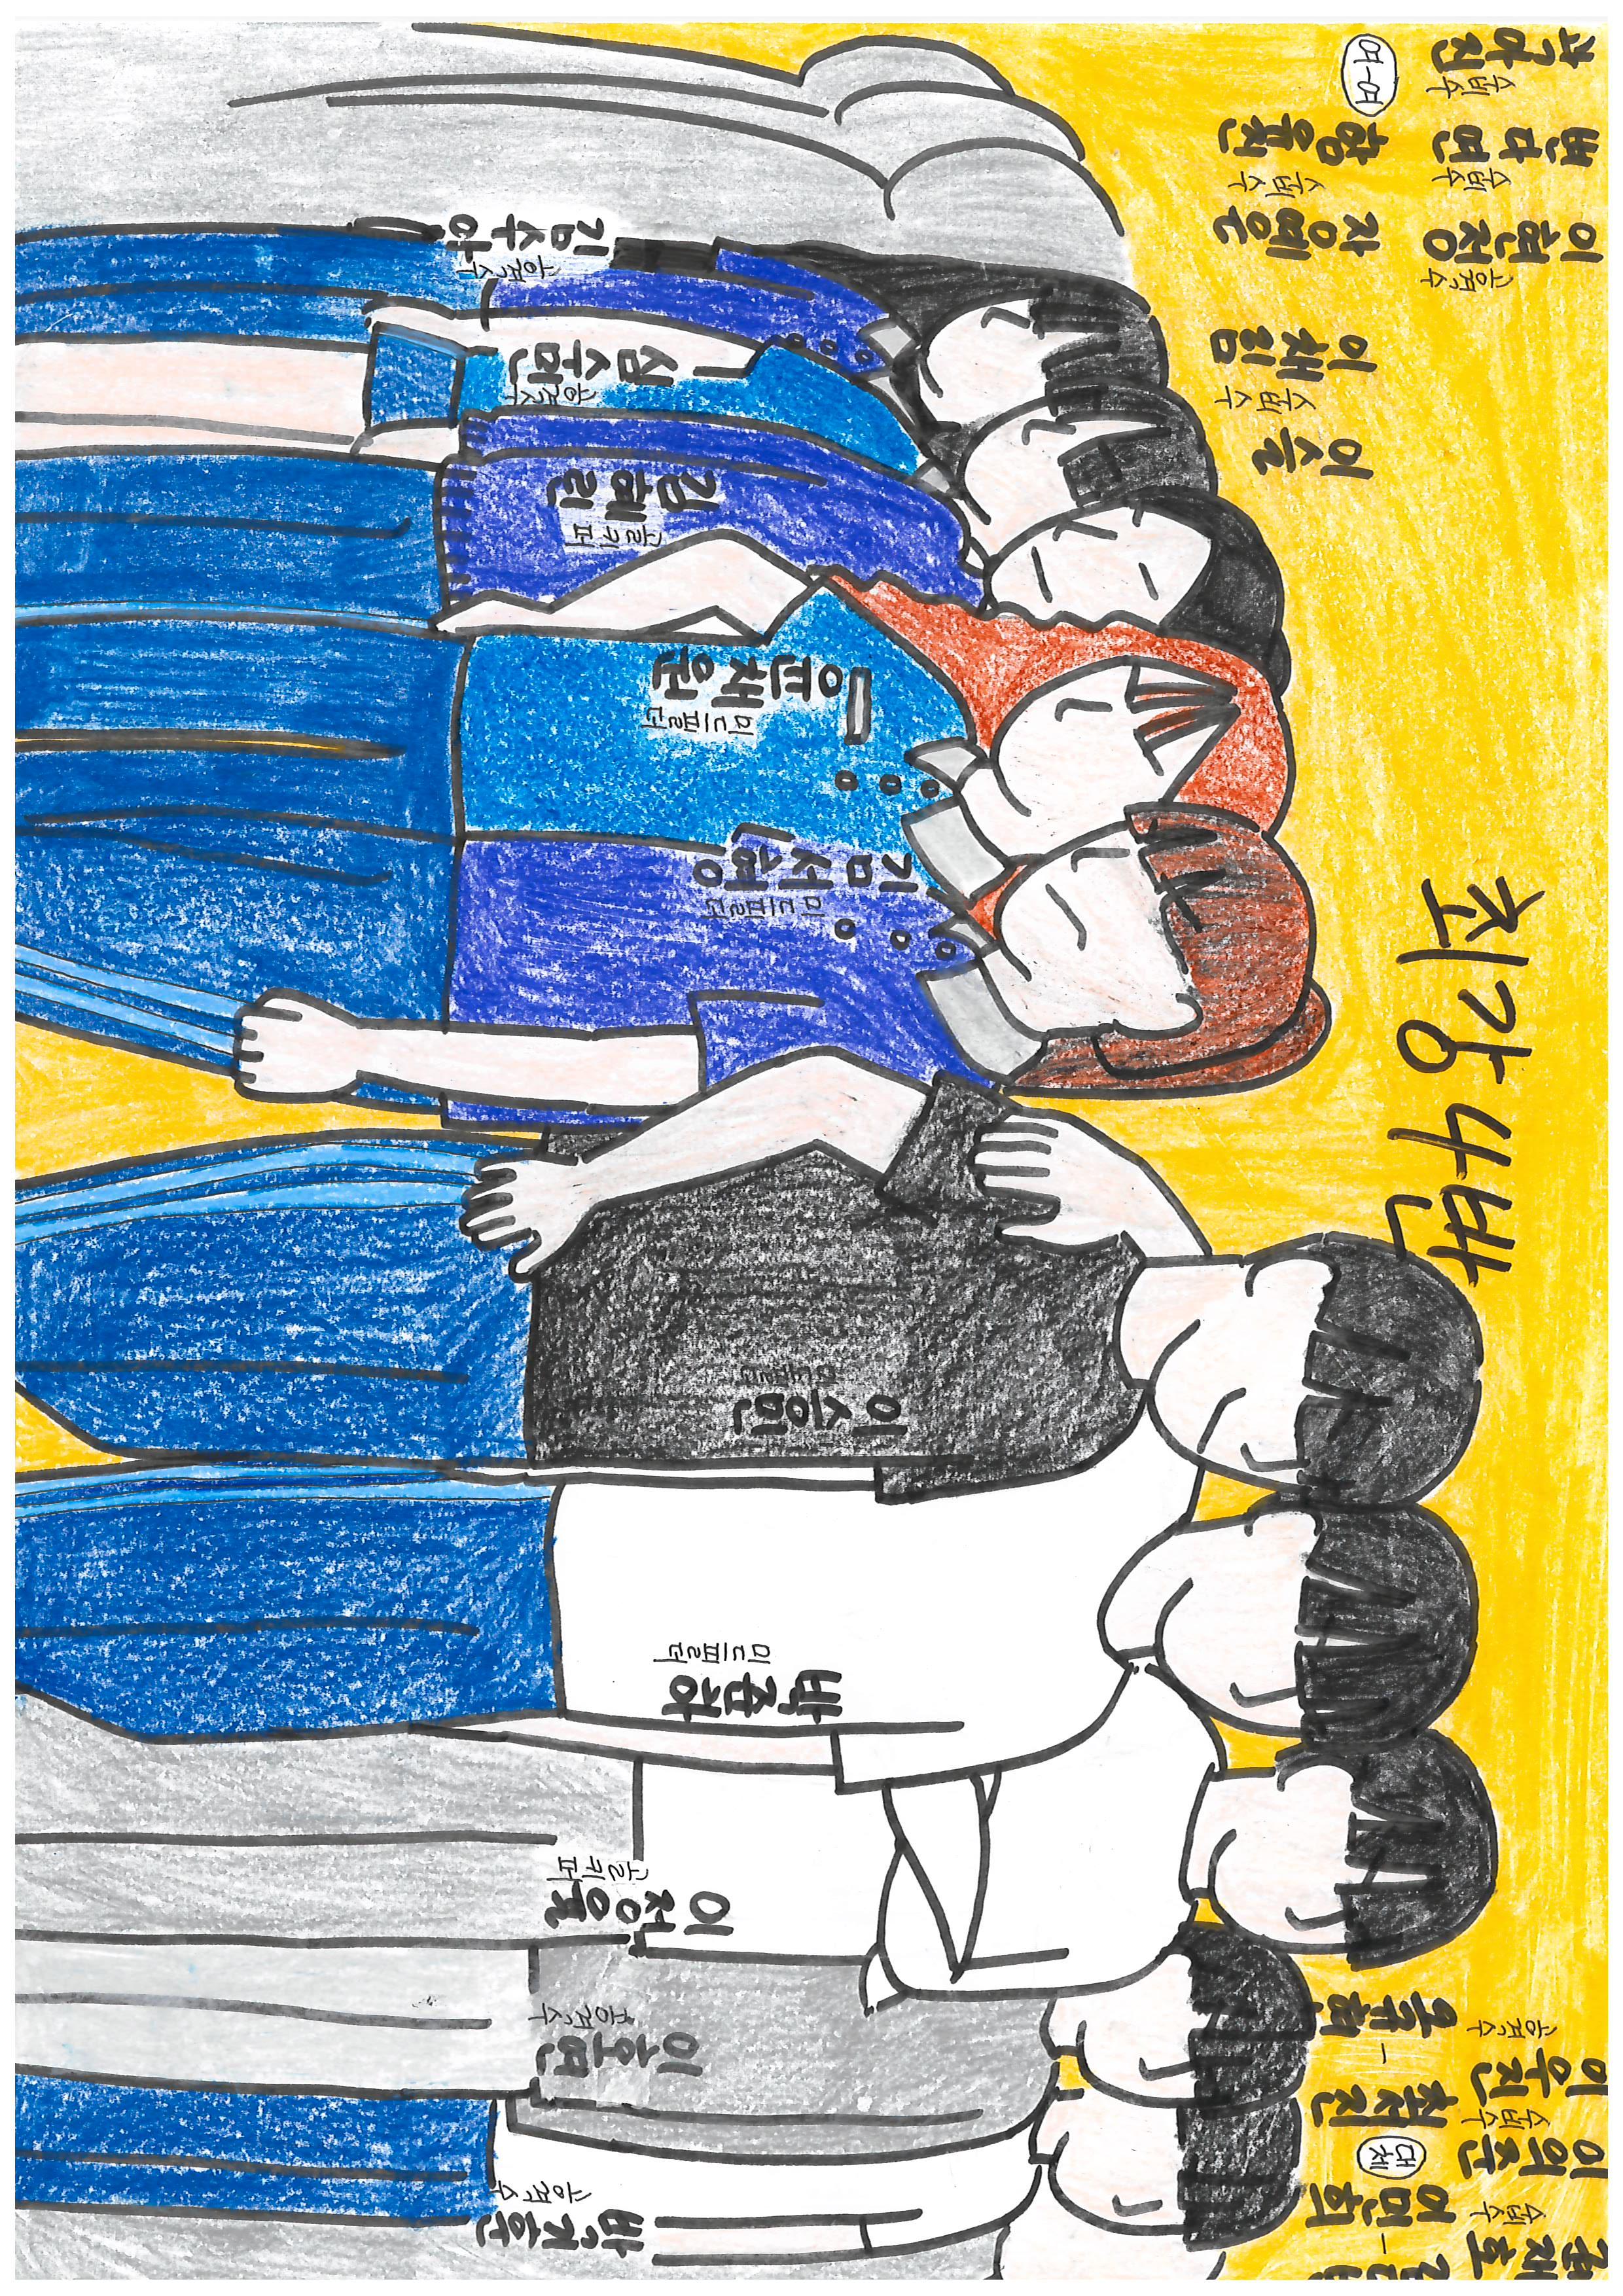 [일반] 3학년 학교스포츠클럽의 날의 첨부이미지 3